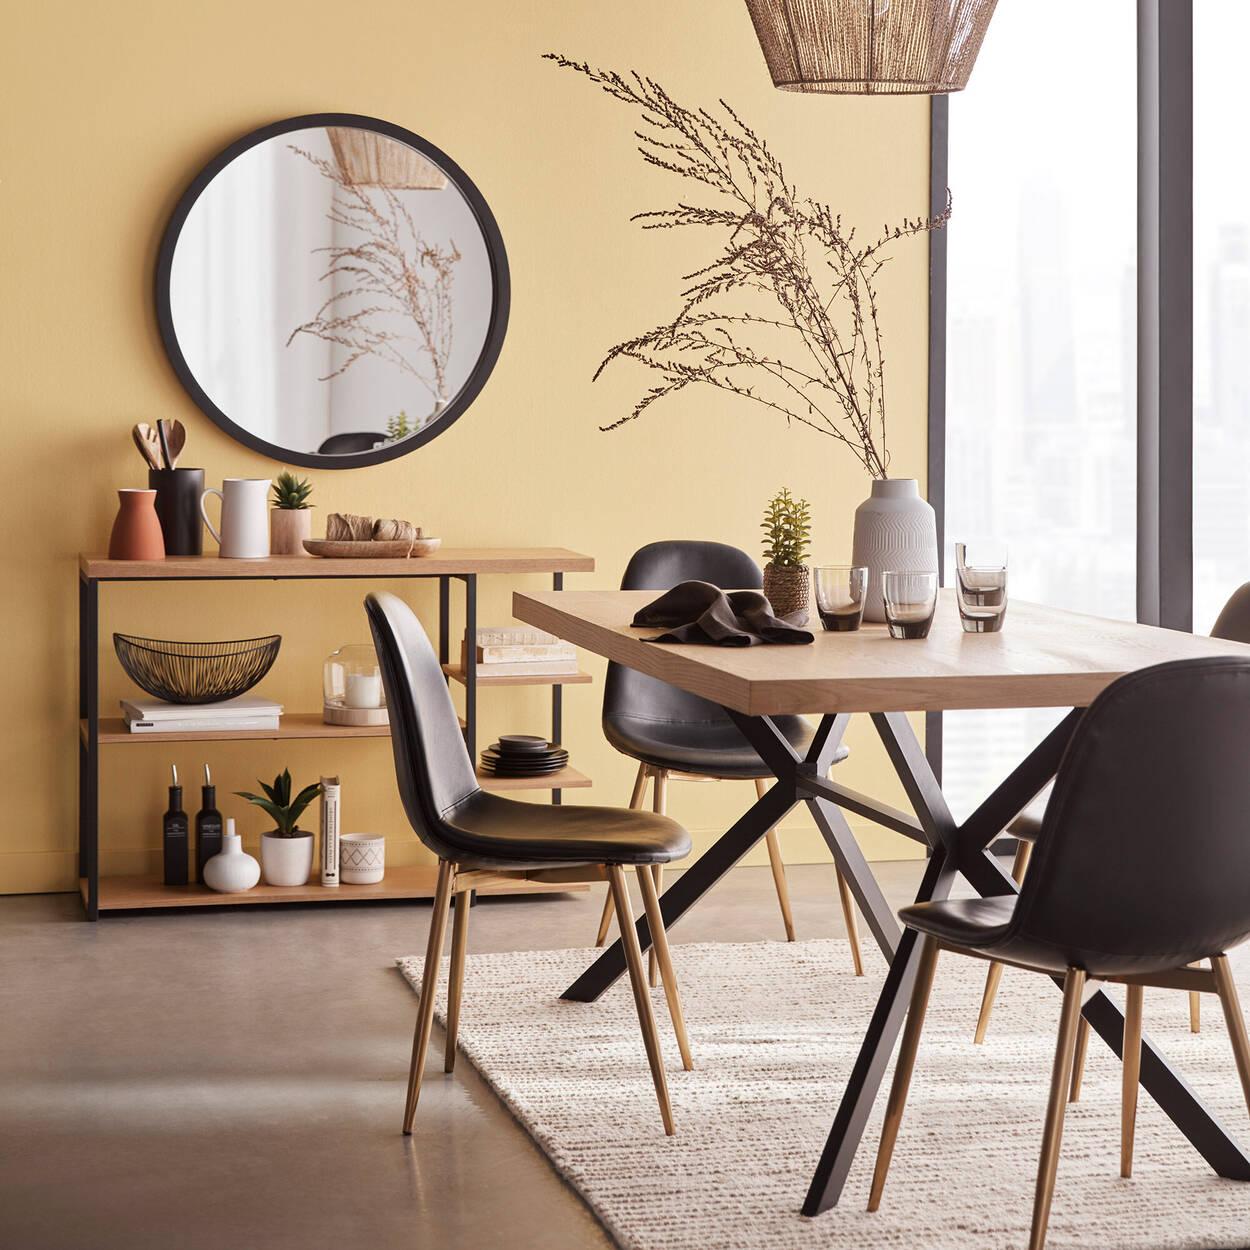 Table de salle à manger en bois et métal